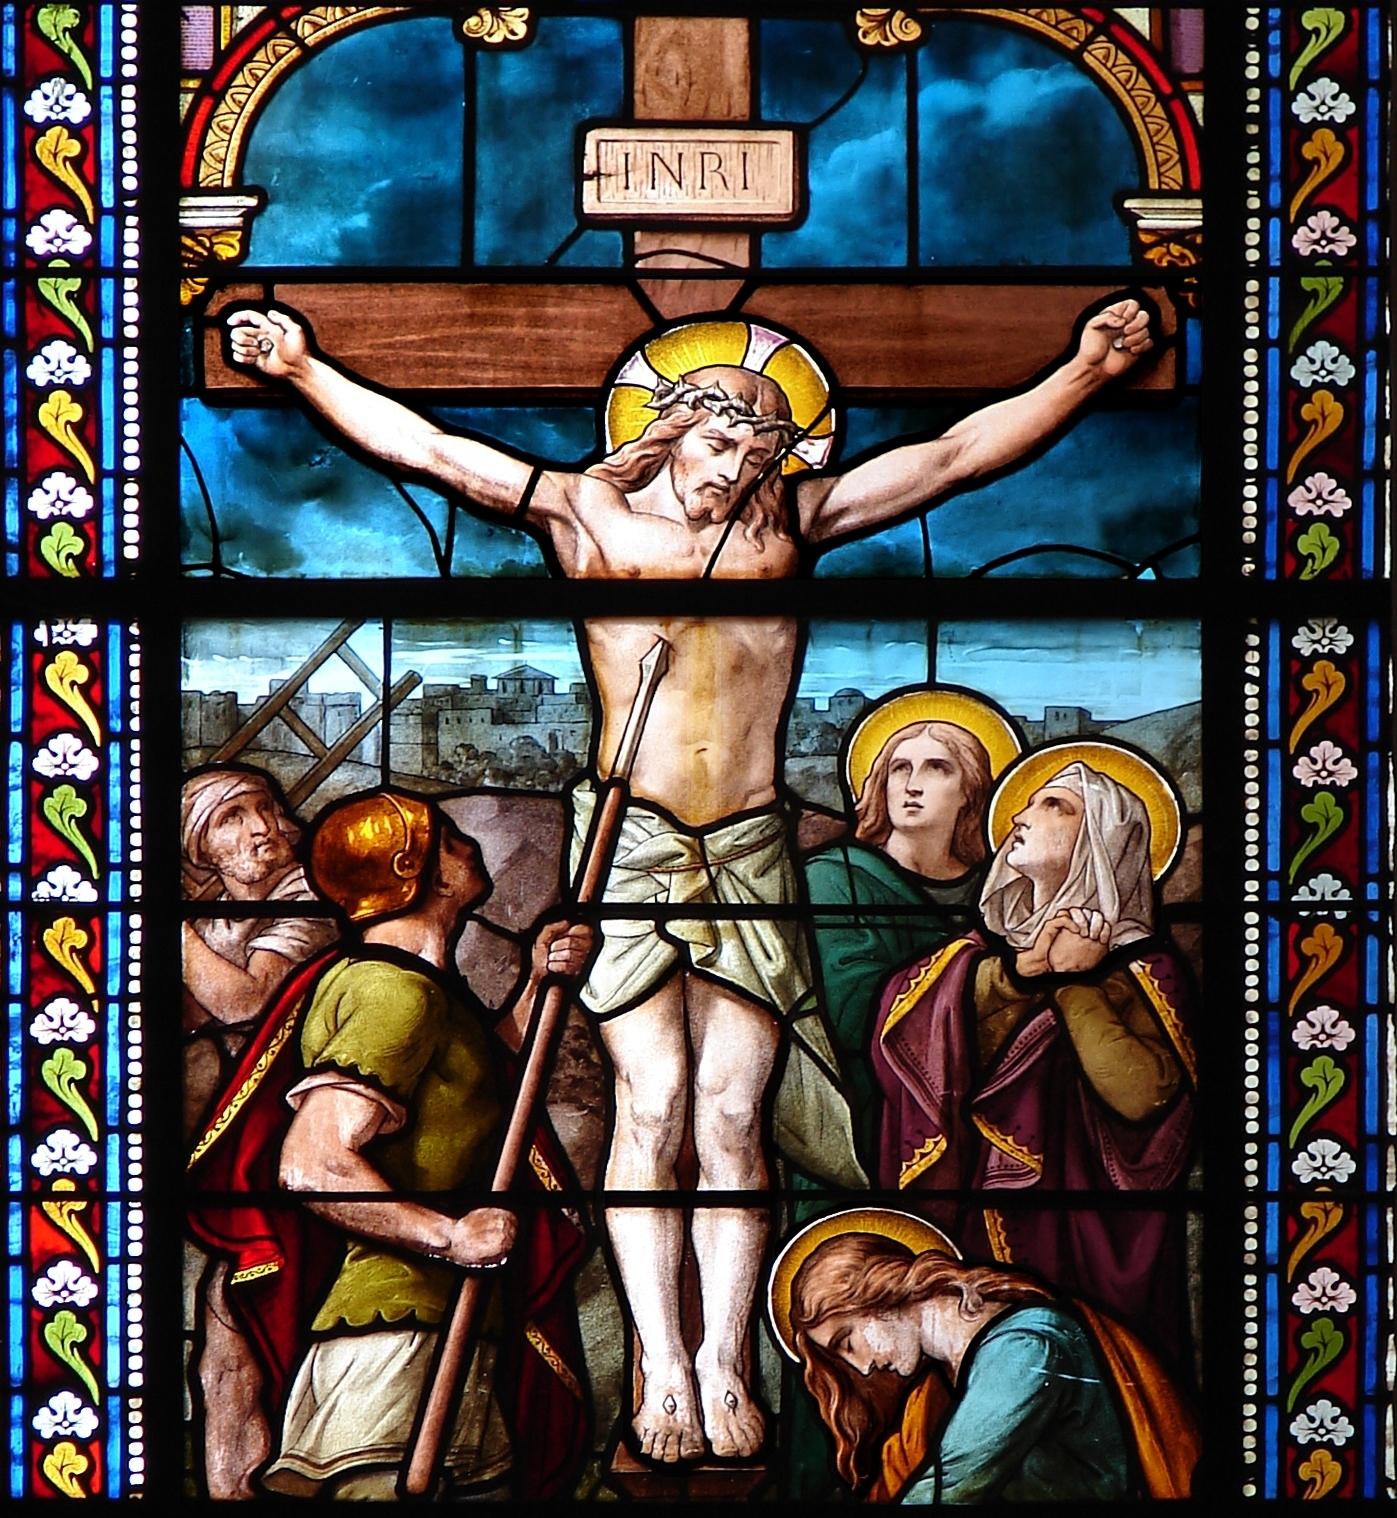 CALENDRIER CATHOLIQUE 2020 (Cantiques, Prières & Images) - Page 8 Le-crucifiement-5617502